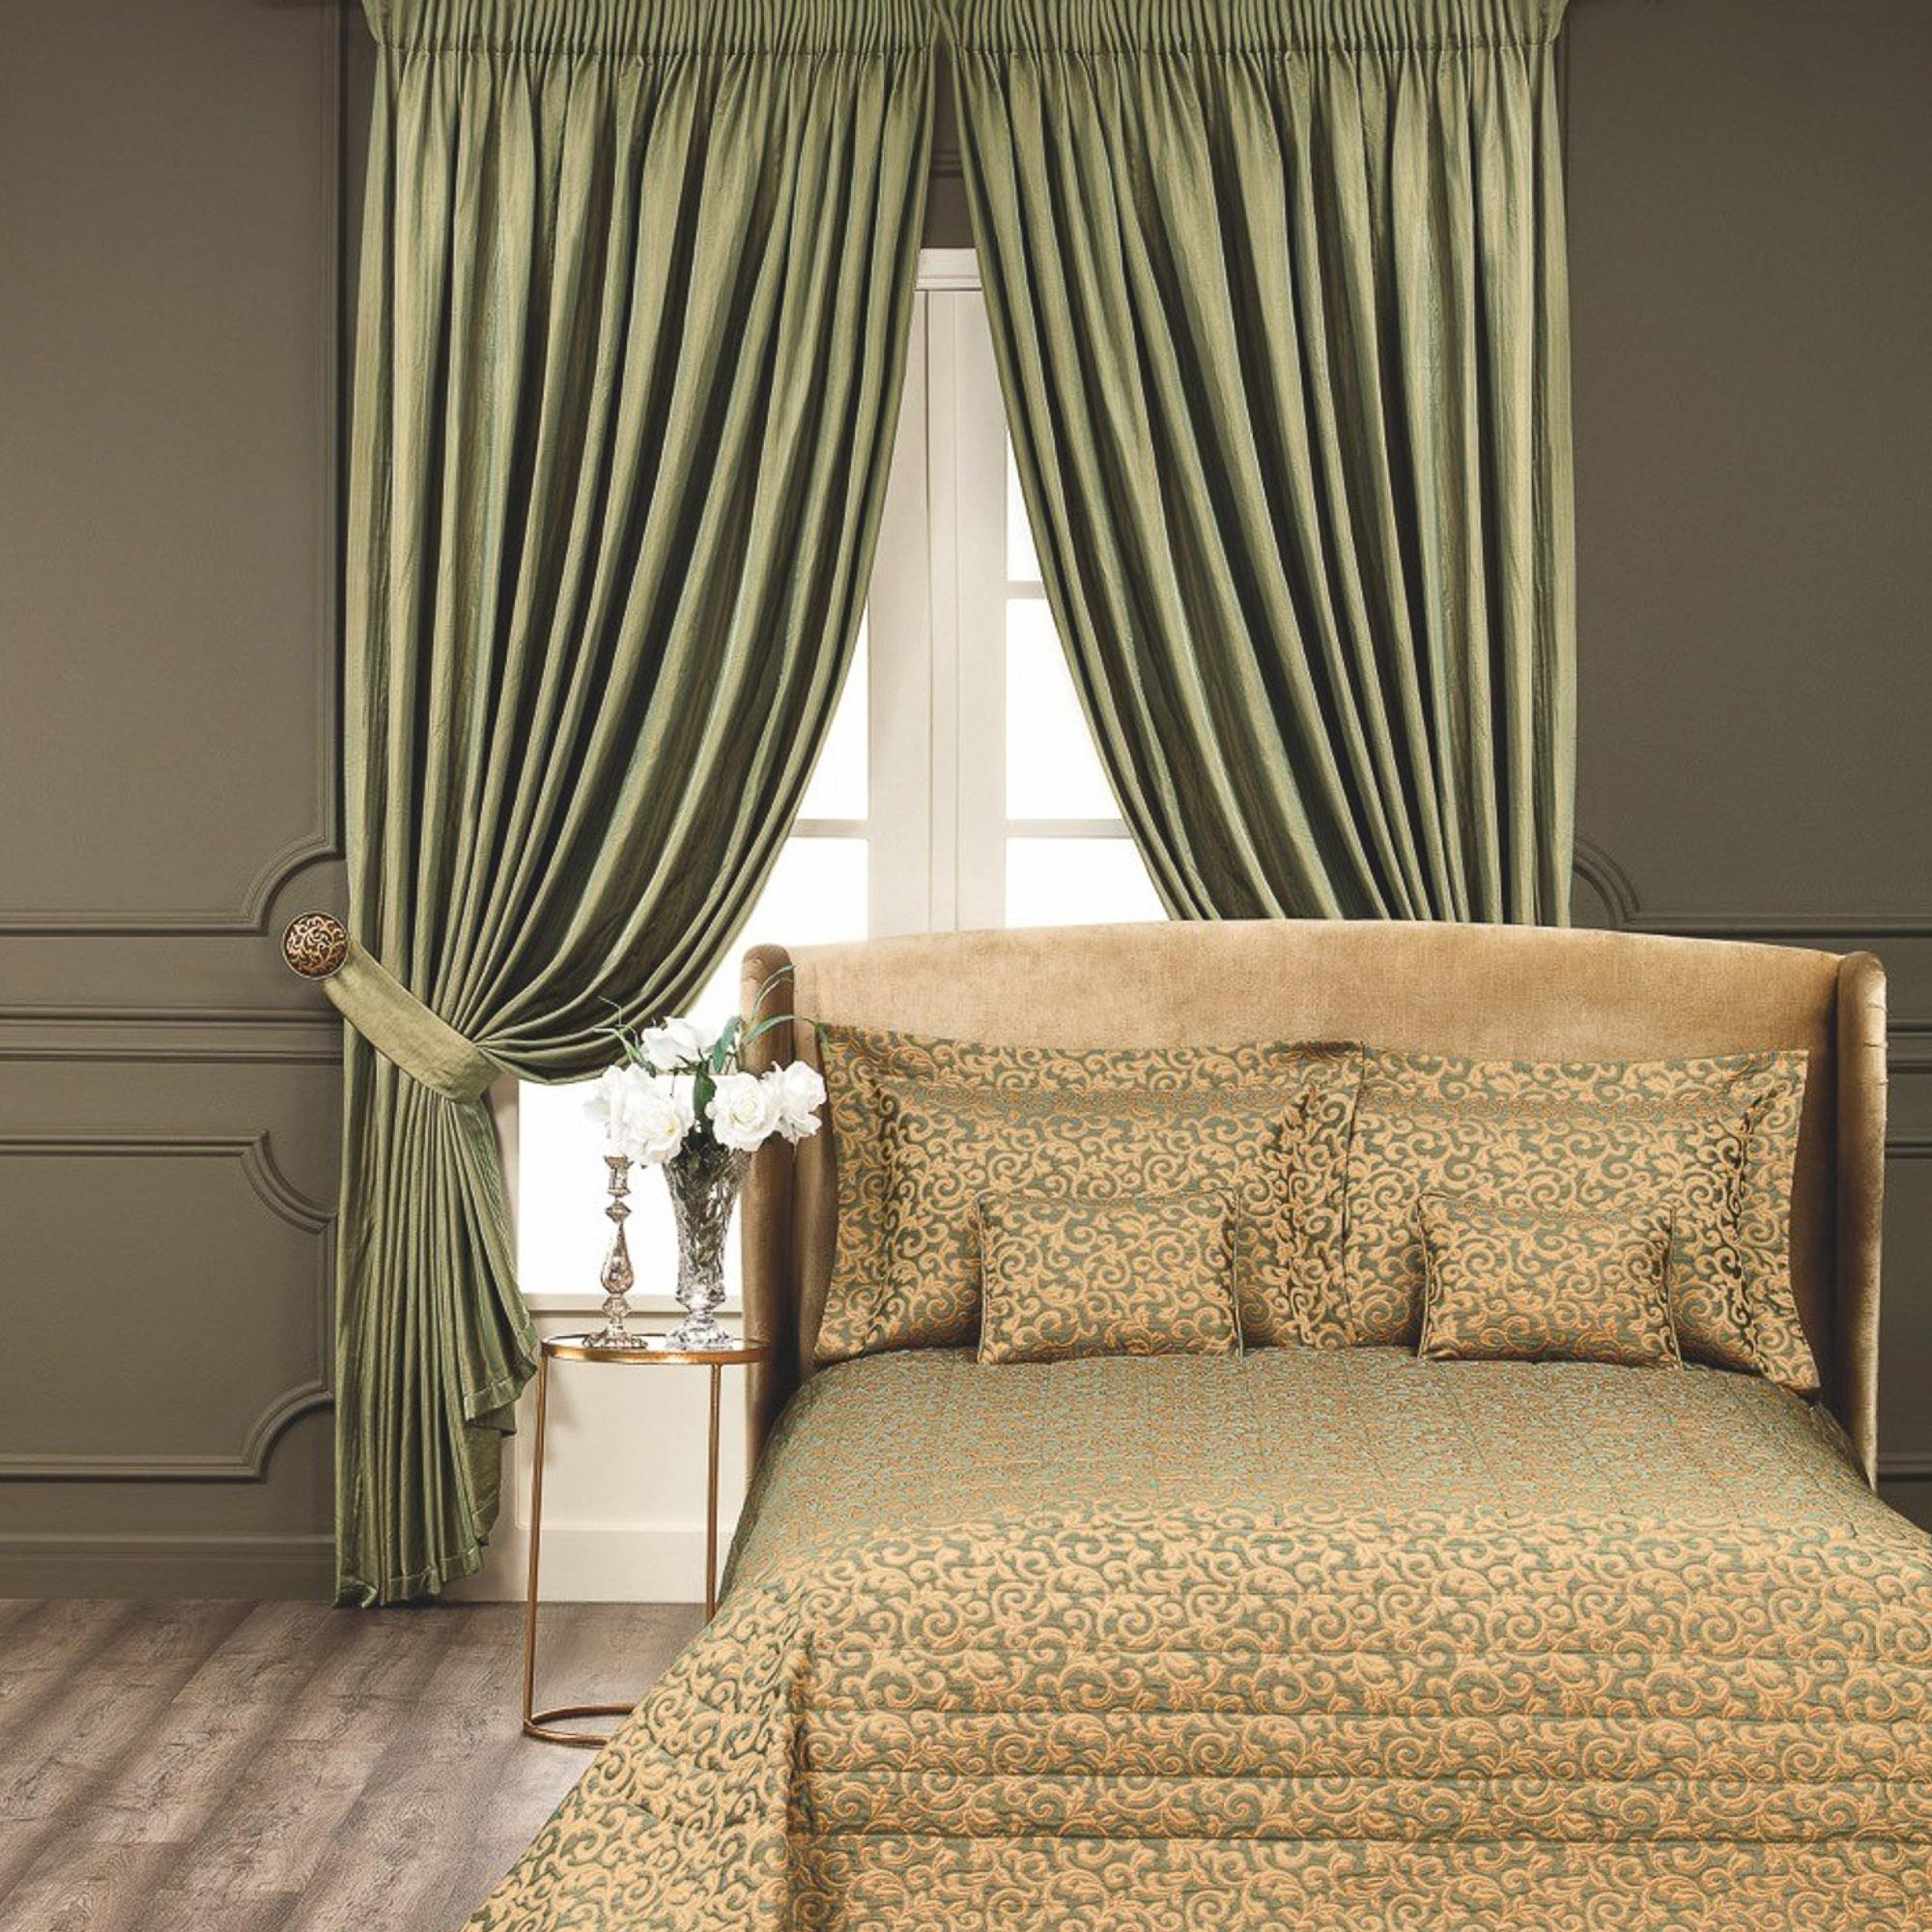 номера дома шторы в спальню цвета оливок фото болевых точек